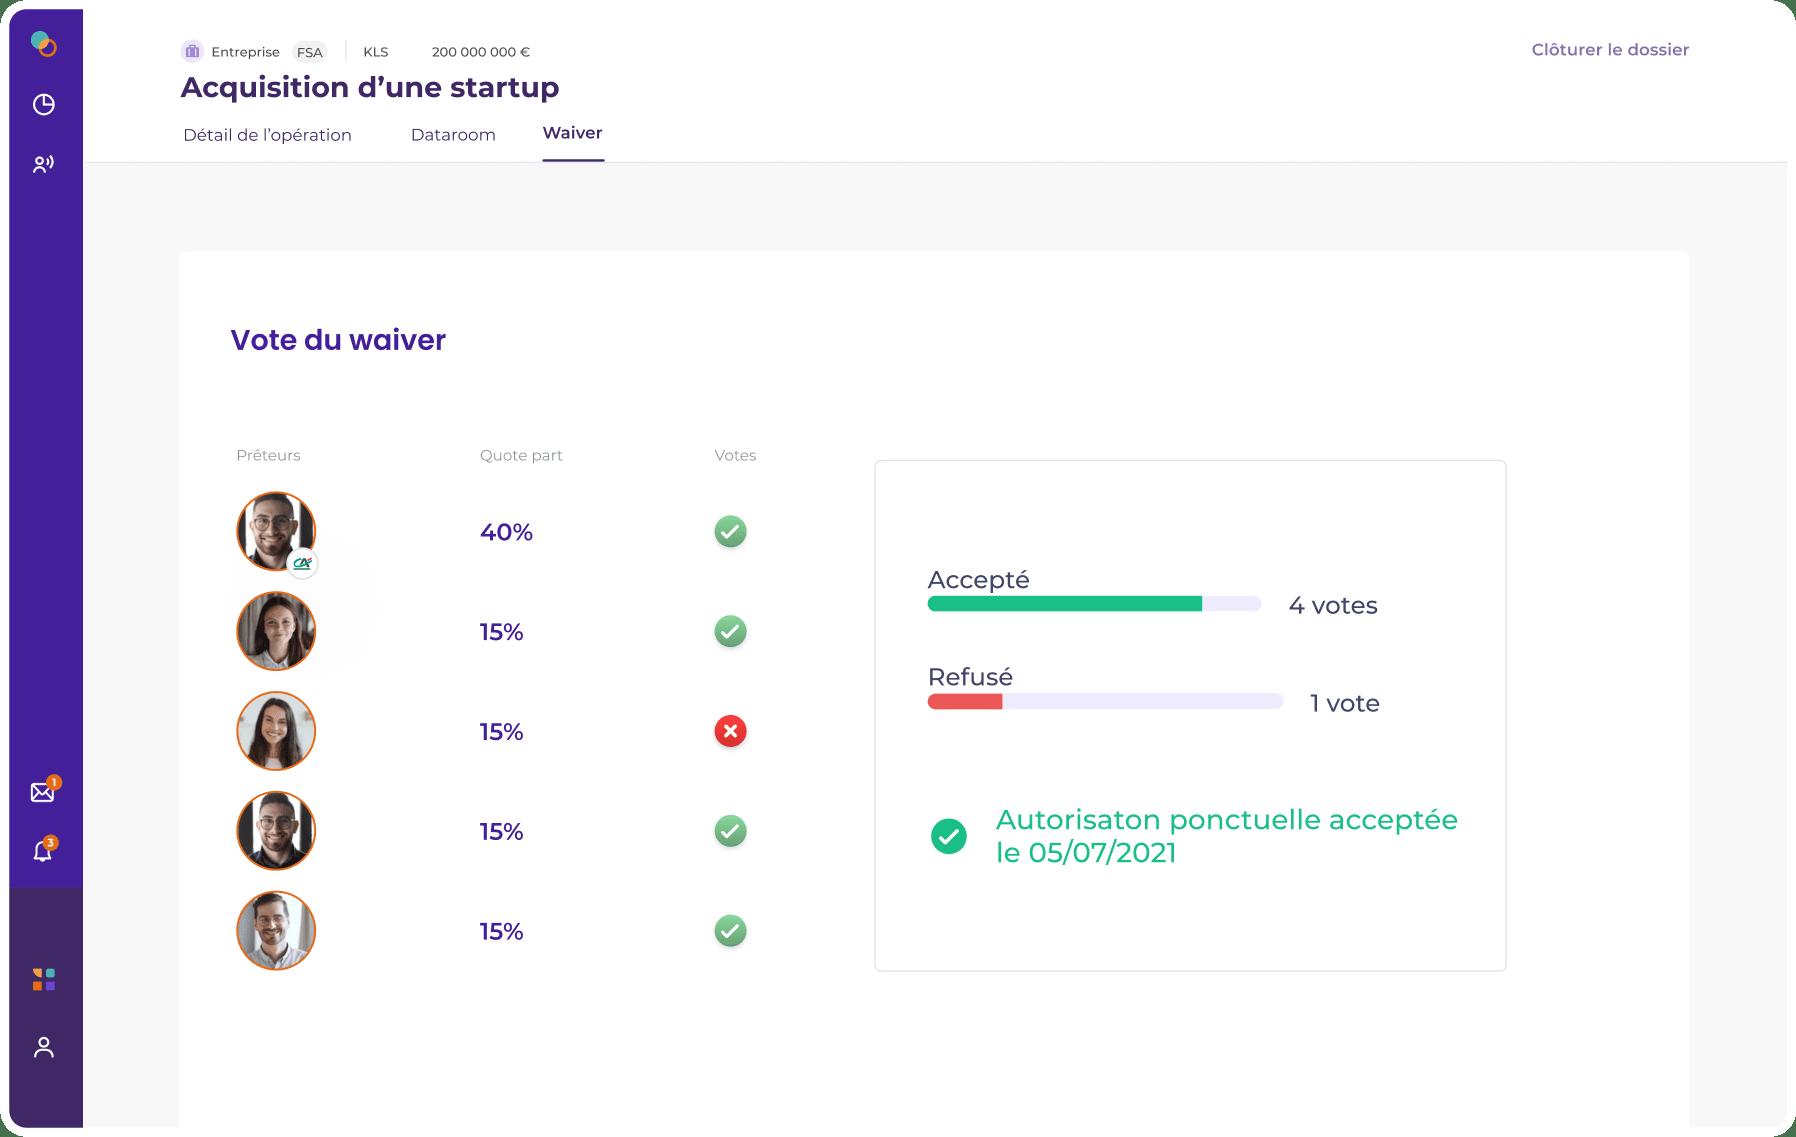 capture de la plateforme KLS représentant la vote du waiver